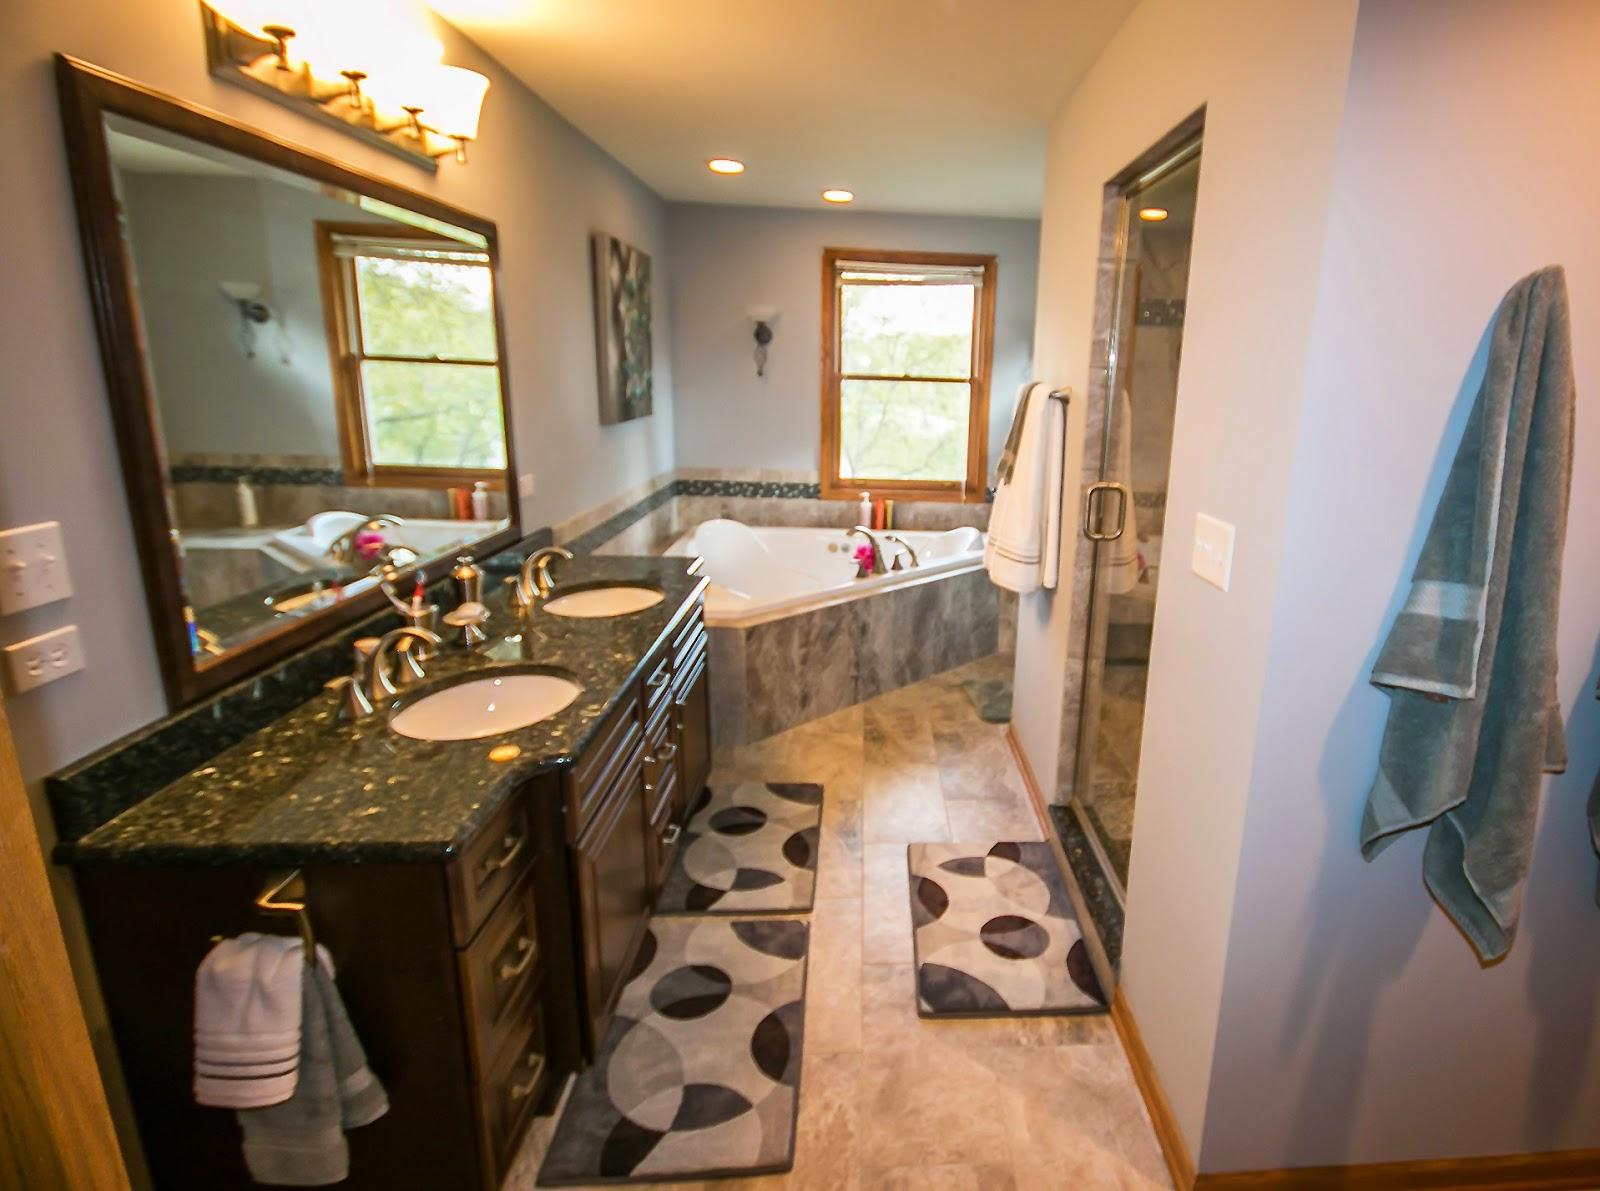 Klm builders inc bathroom remodeling trends for 2015 for Bathroom remodeling trends 2015